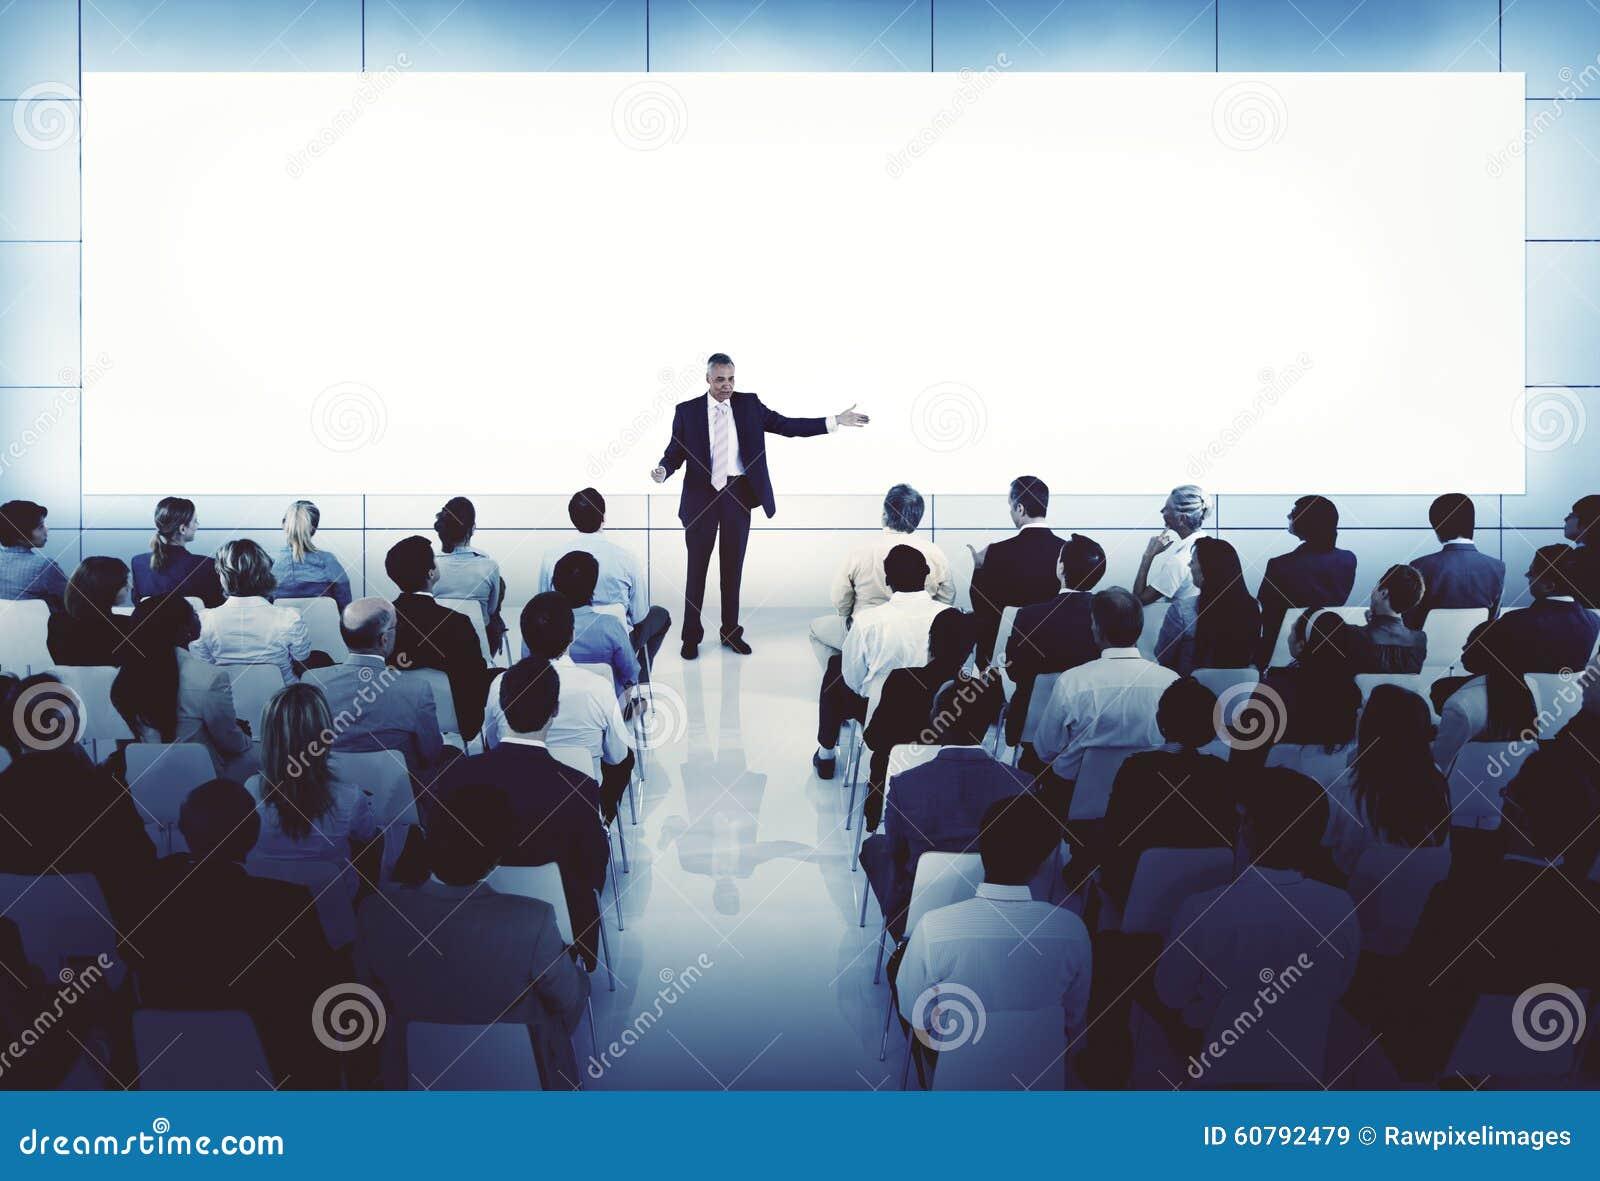 Entrenar concepto del negocio de la conferencia de la reunión del seminario de la tutoría